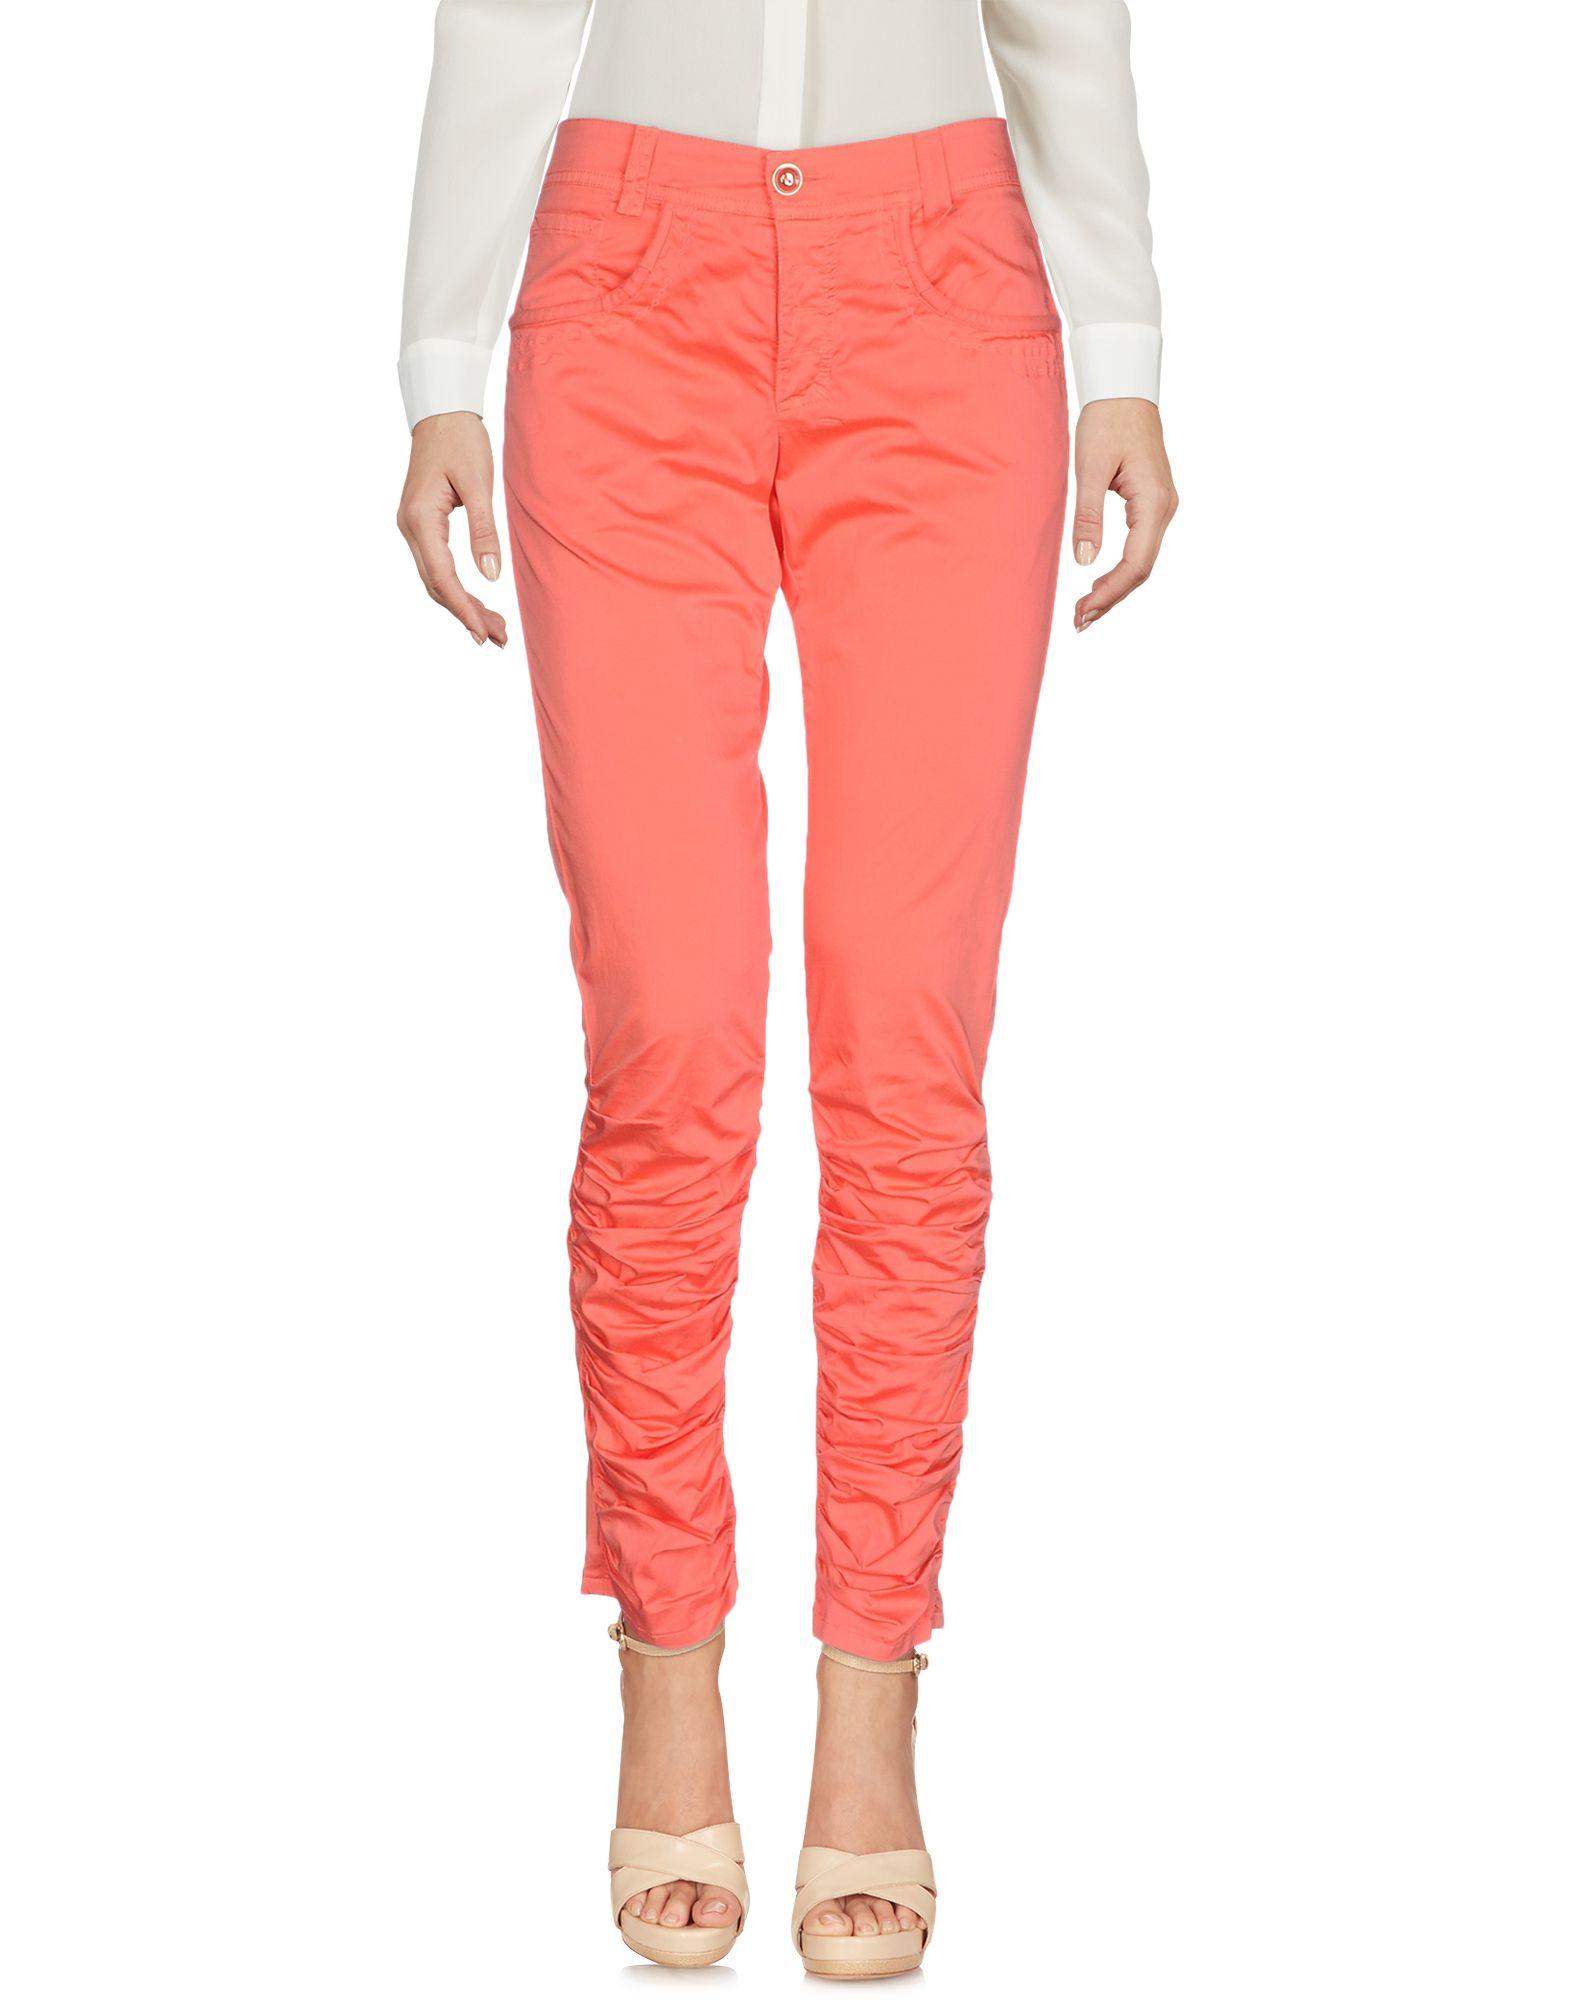 Pantalone Pantalone Annarita N donna - 13156375NG  hoher Rabatt